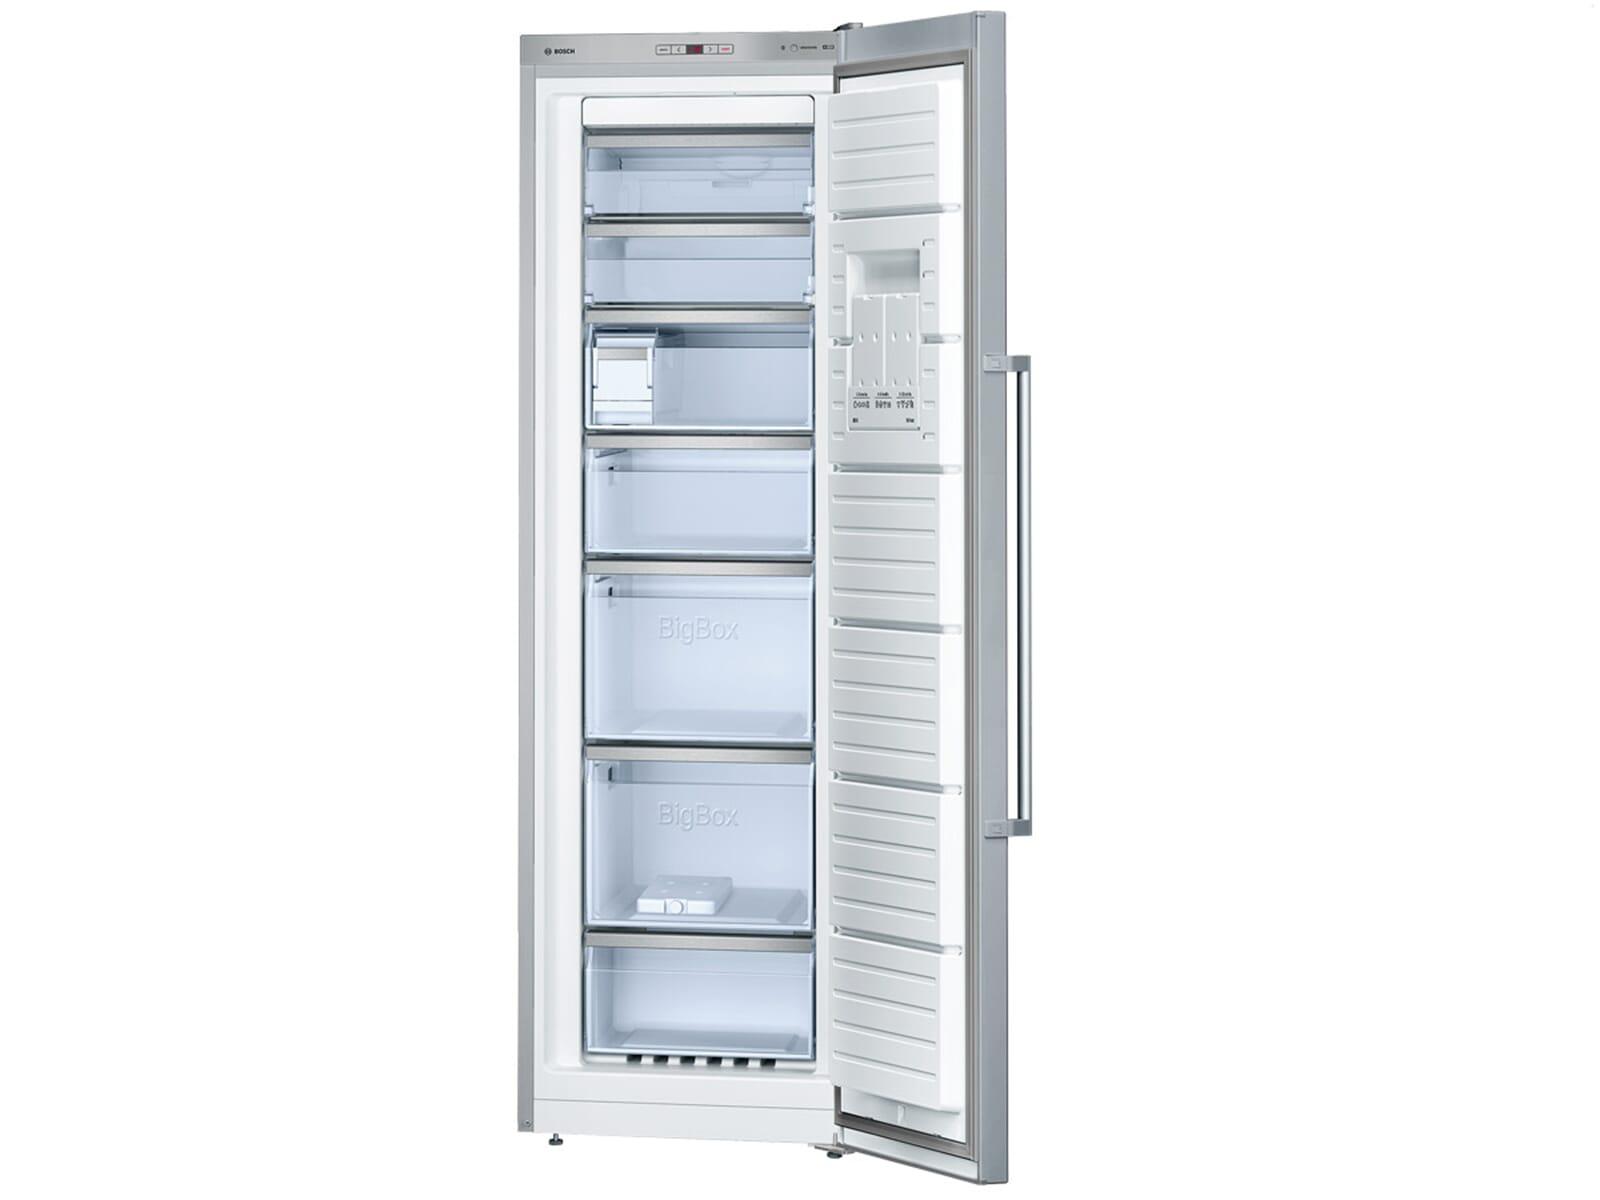 Kühlschrank Und Gefrierschrank Mit Eiswürfelspender : Xxl kühlschrank mit eiswürfelspender side by side kühlschrank auf